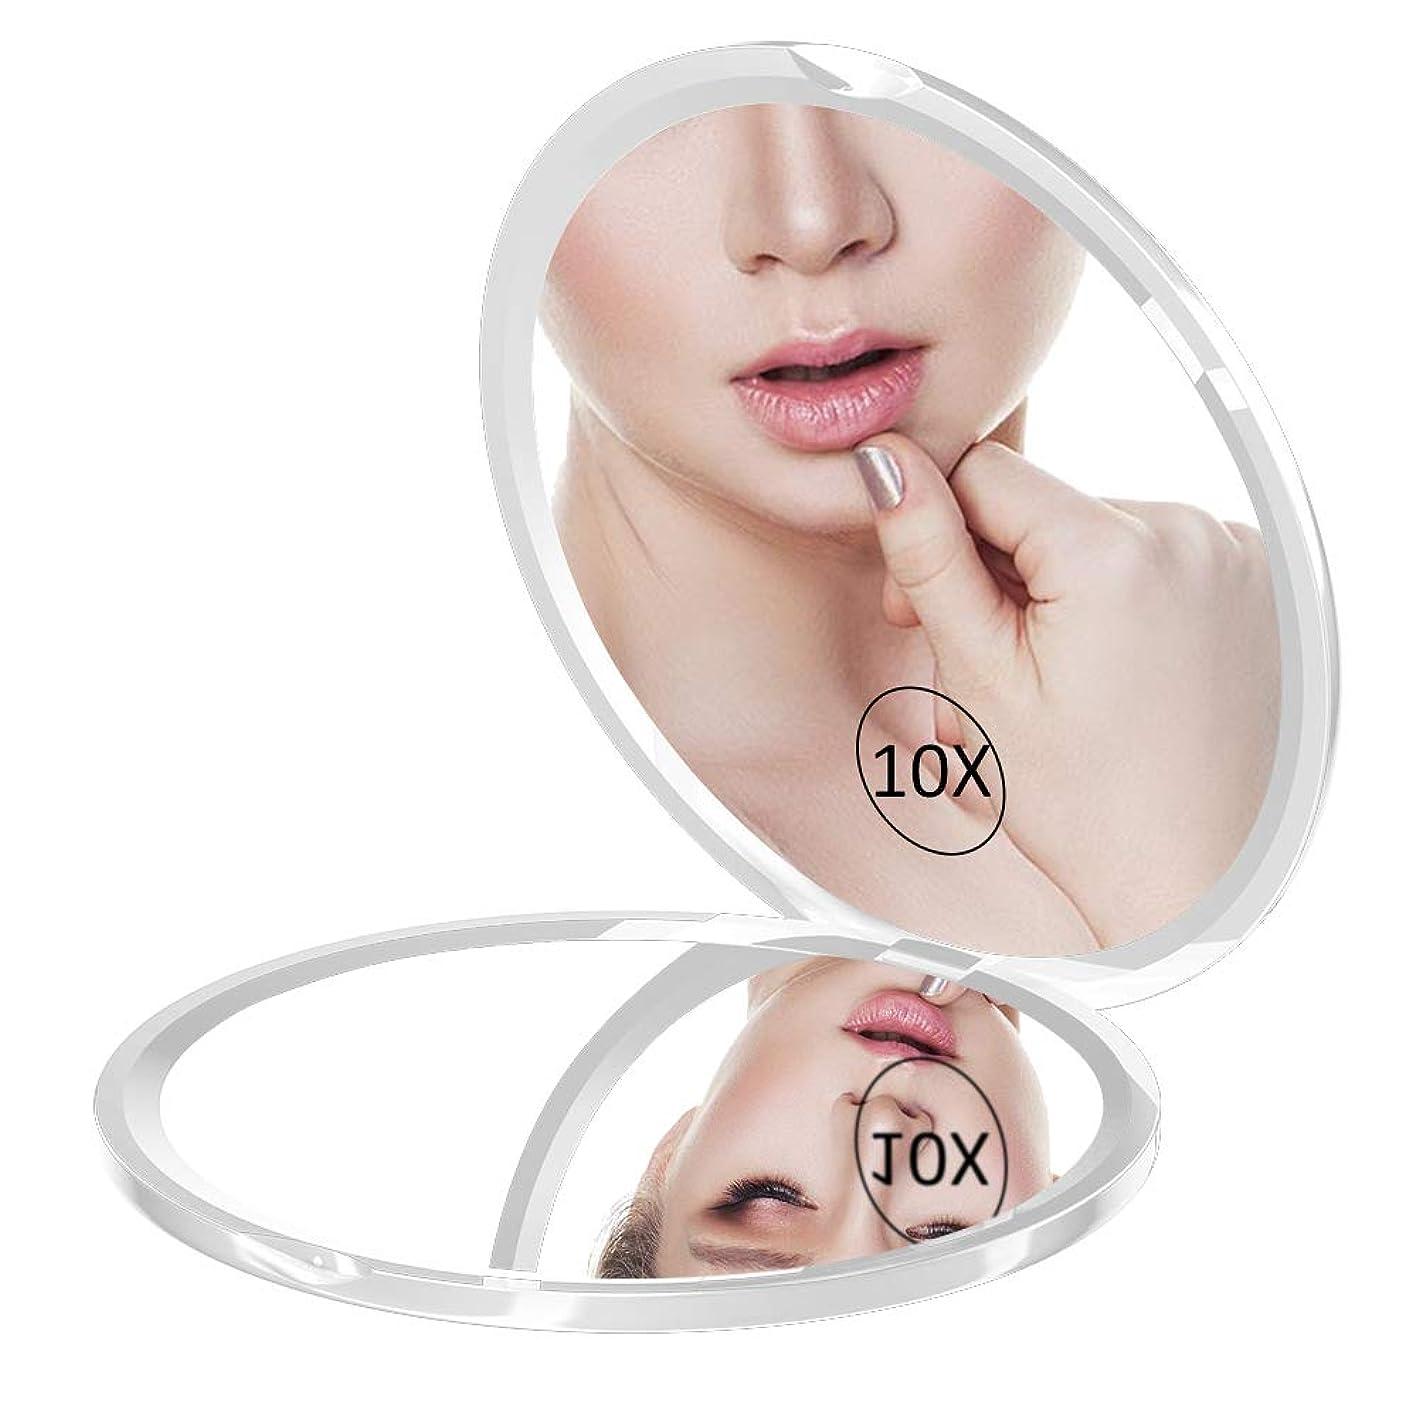 コンパクトミラー WEILY 化粧鏡 10倍拡大鏡 折りたたみ鏡 手鏡 両面鏡(ホワイト)